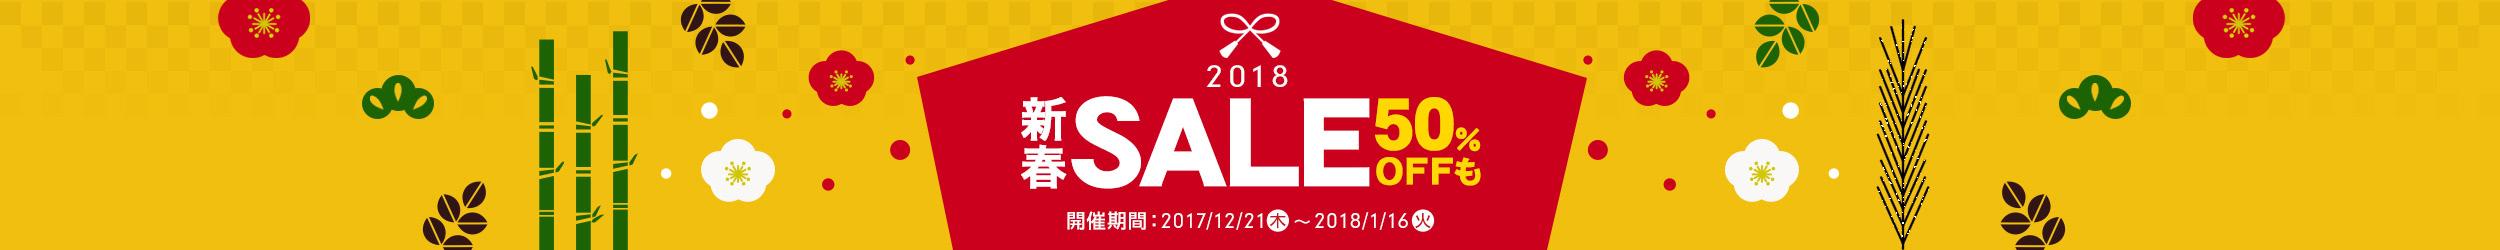 お正月はおうちでお買い物! 新春SALE 2018 - Yahoo!ショッピング